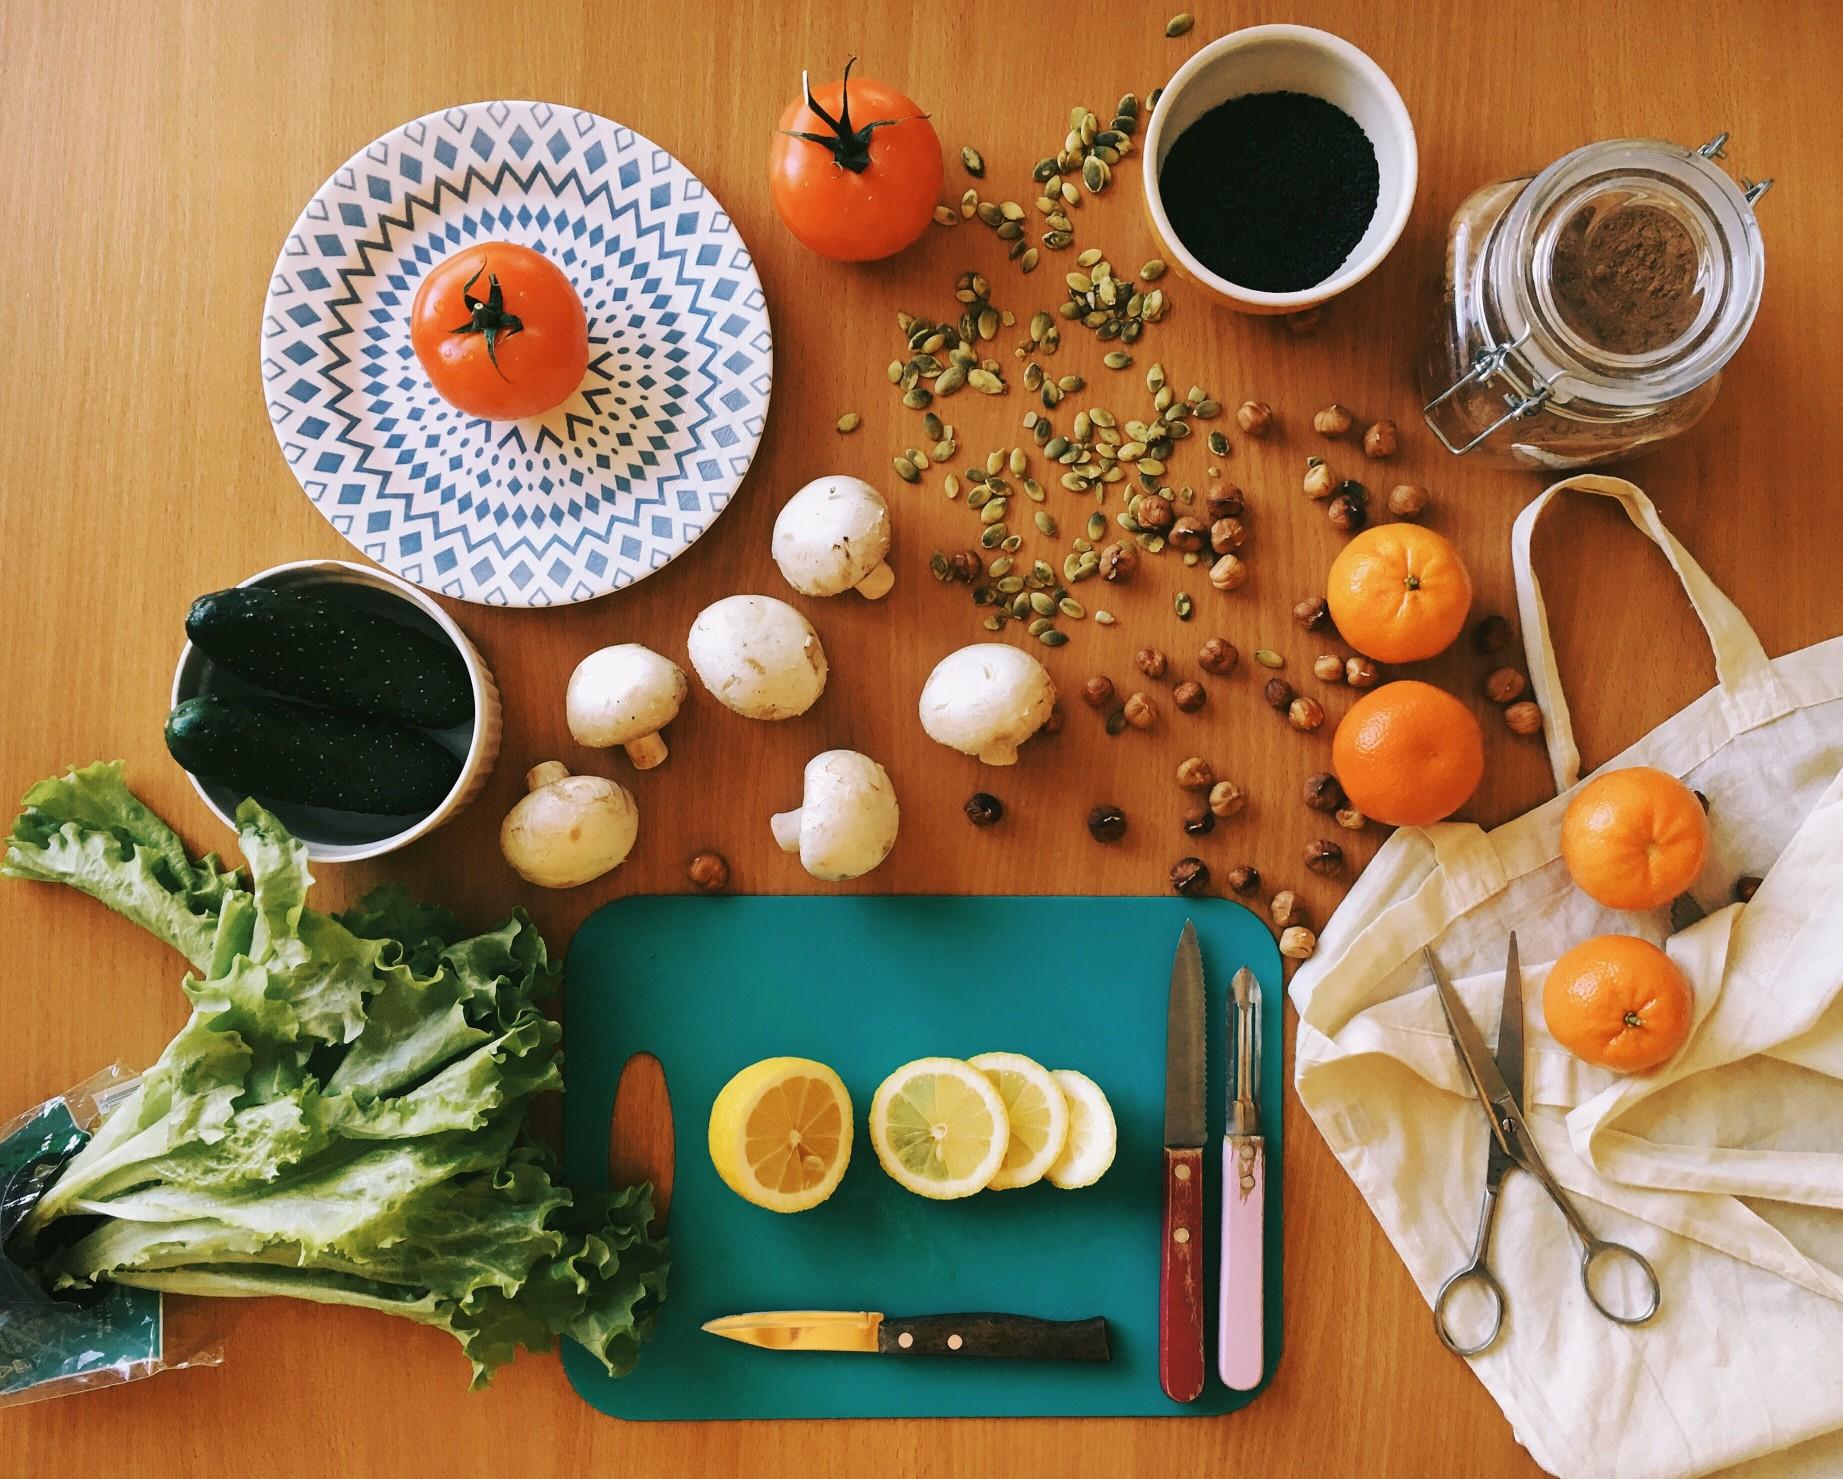 Comment faire de bon plats rapidement ?